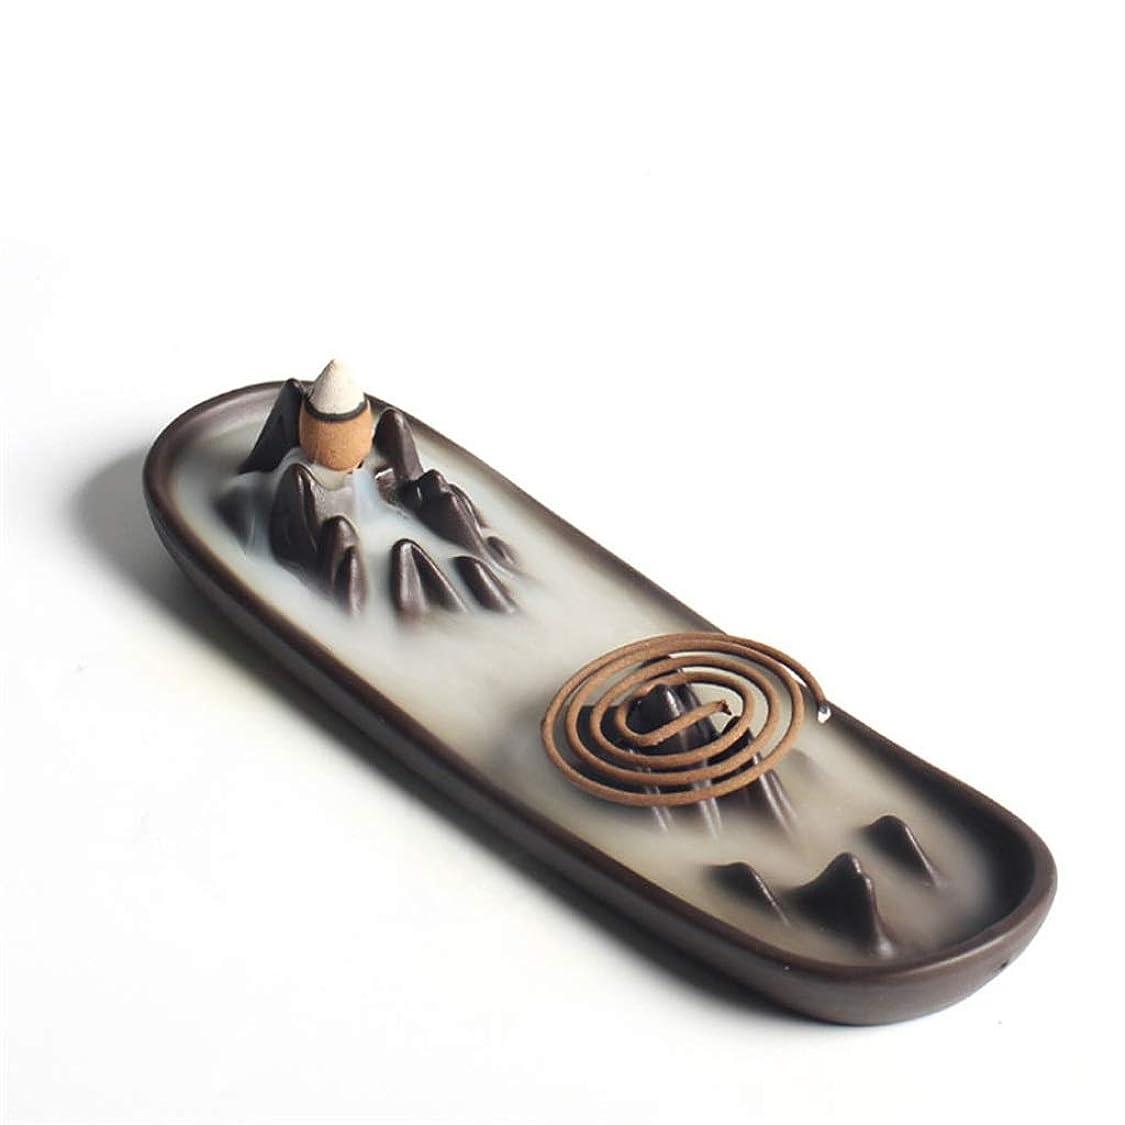 先史時代の田舎エンジン芳香器?アロマバーナー 逆流香バーナー家の装飾セラミックアロマセラピー仏教の滝香炉香コイルスティックホルダー アロマバーナー芳香器 (Color : A)